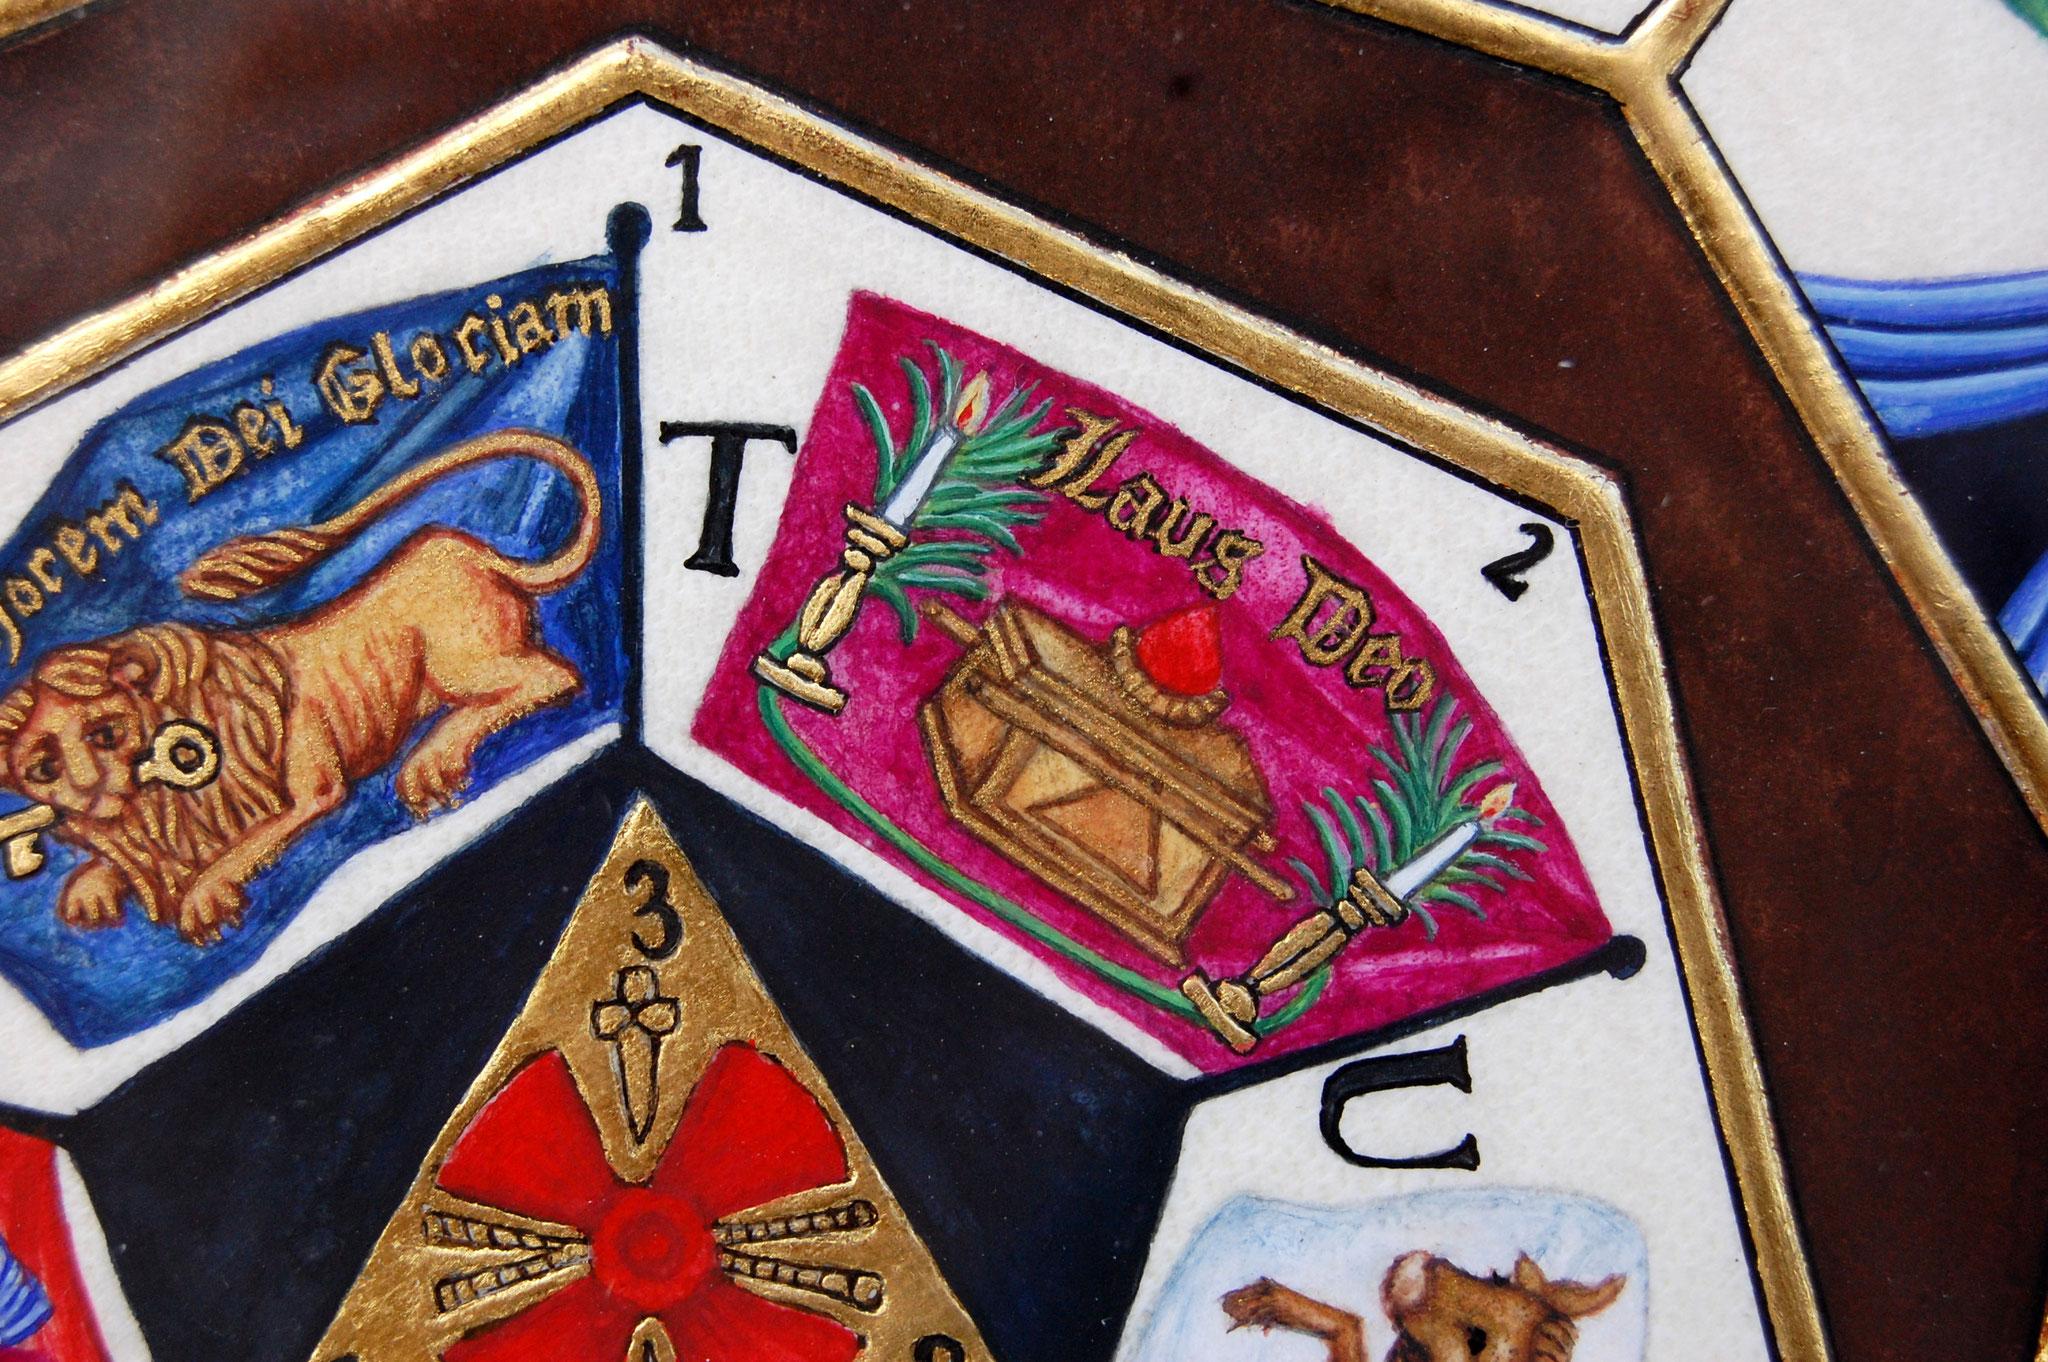 Le sceau du Sublime Prince du Royal Secret réalisé en enluminure par Sandra Clerbois - détail de l'arche d'alliance